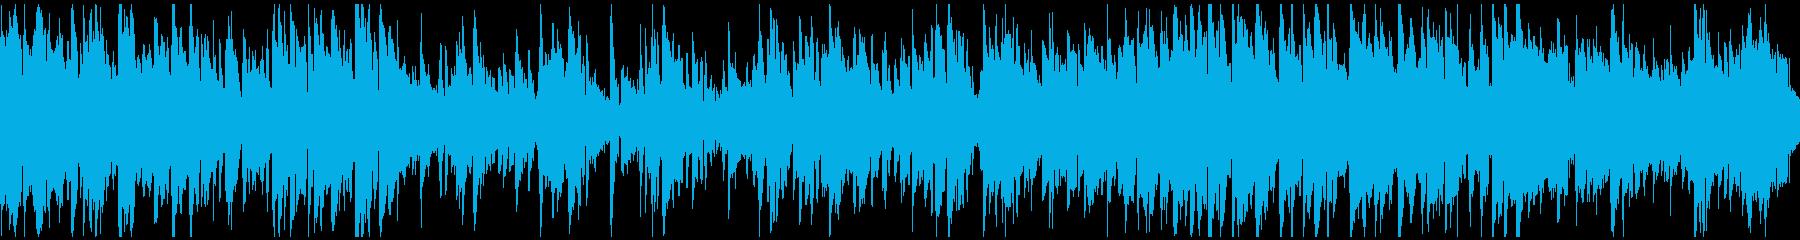 スマート、ライトな紳士ジャズ ※ループ版の再生済みの波形